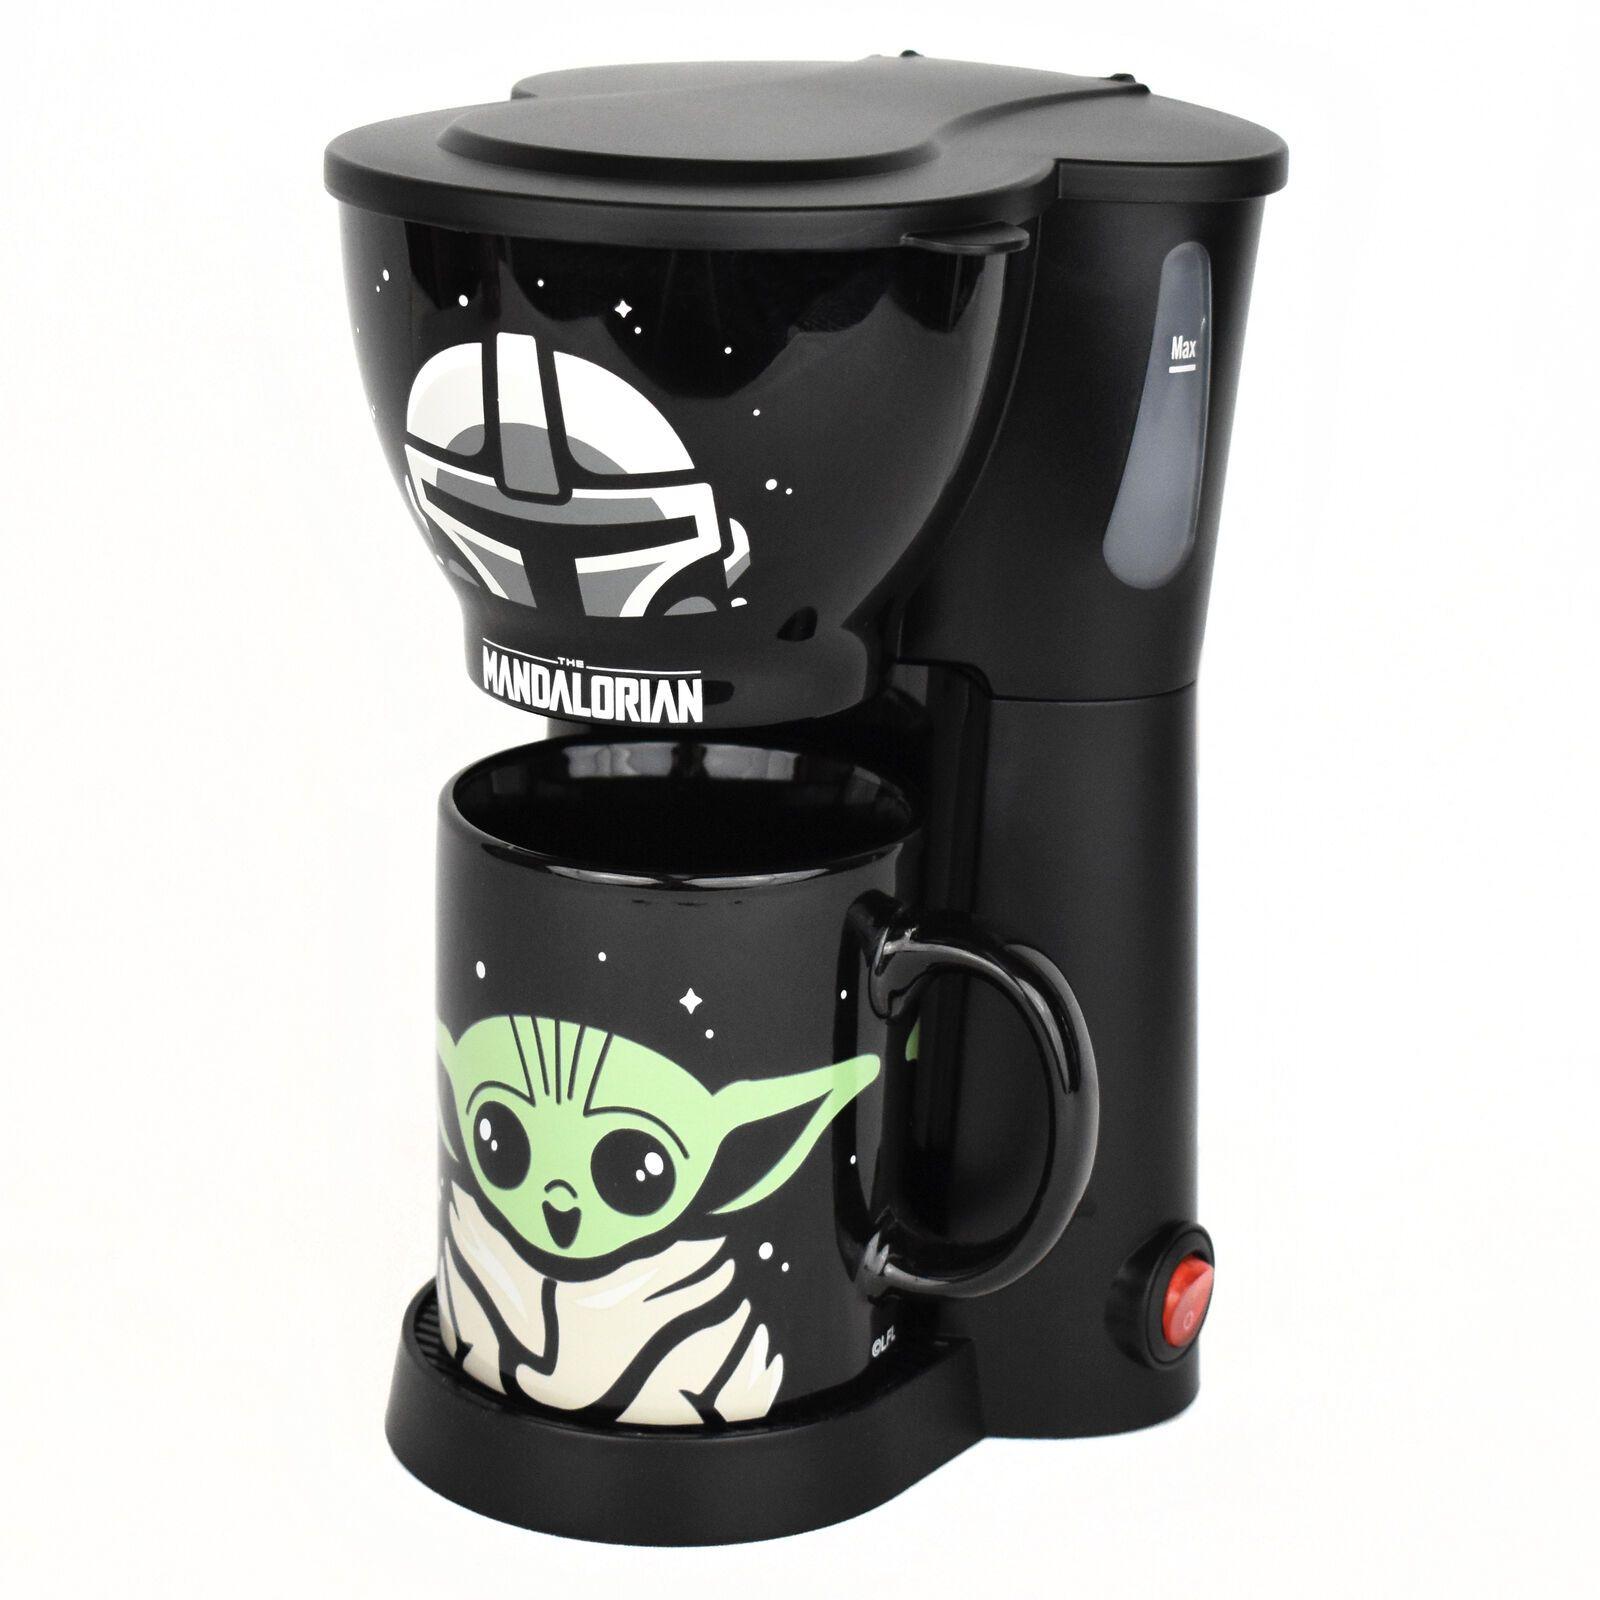 https://ift.tt/35z3inx - Coffee Makers - Ideas of Coffee ...